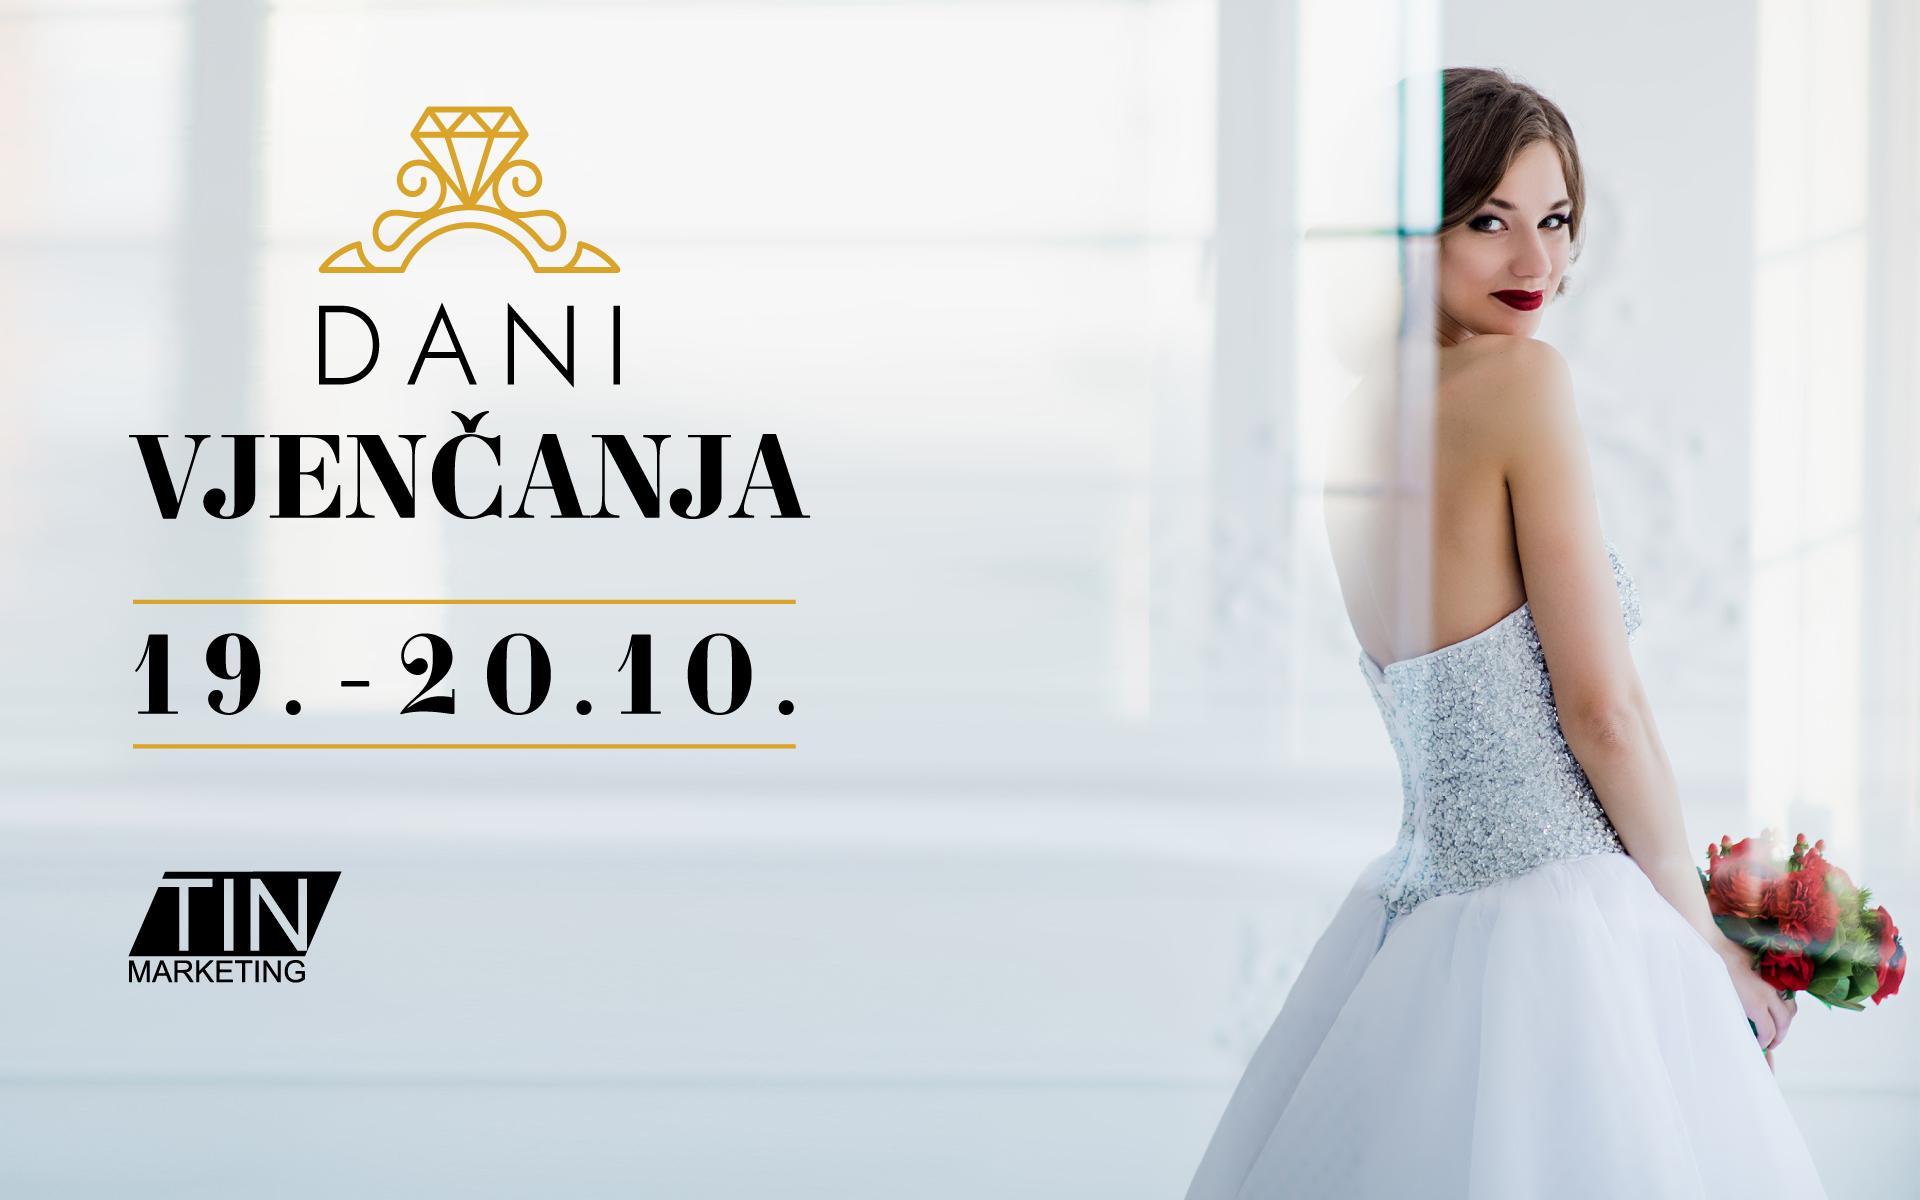 Dani vjenčanja 19. - 20. 10.